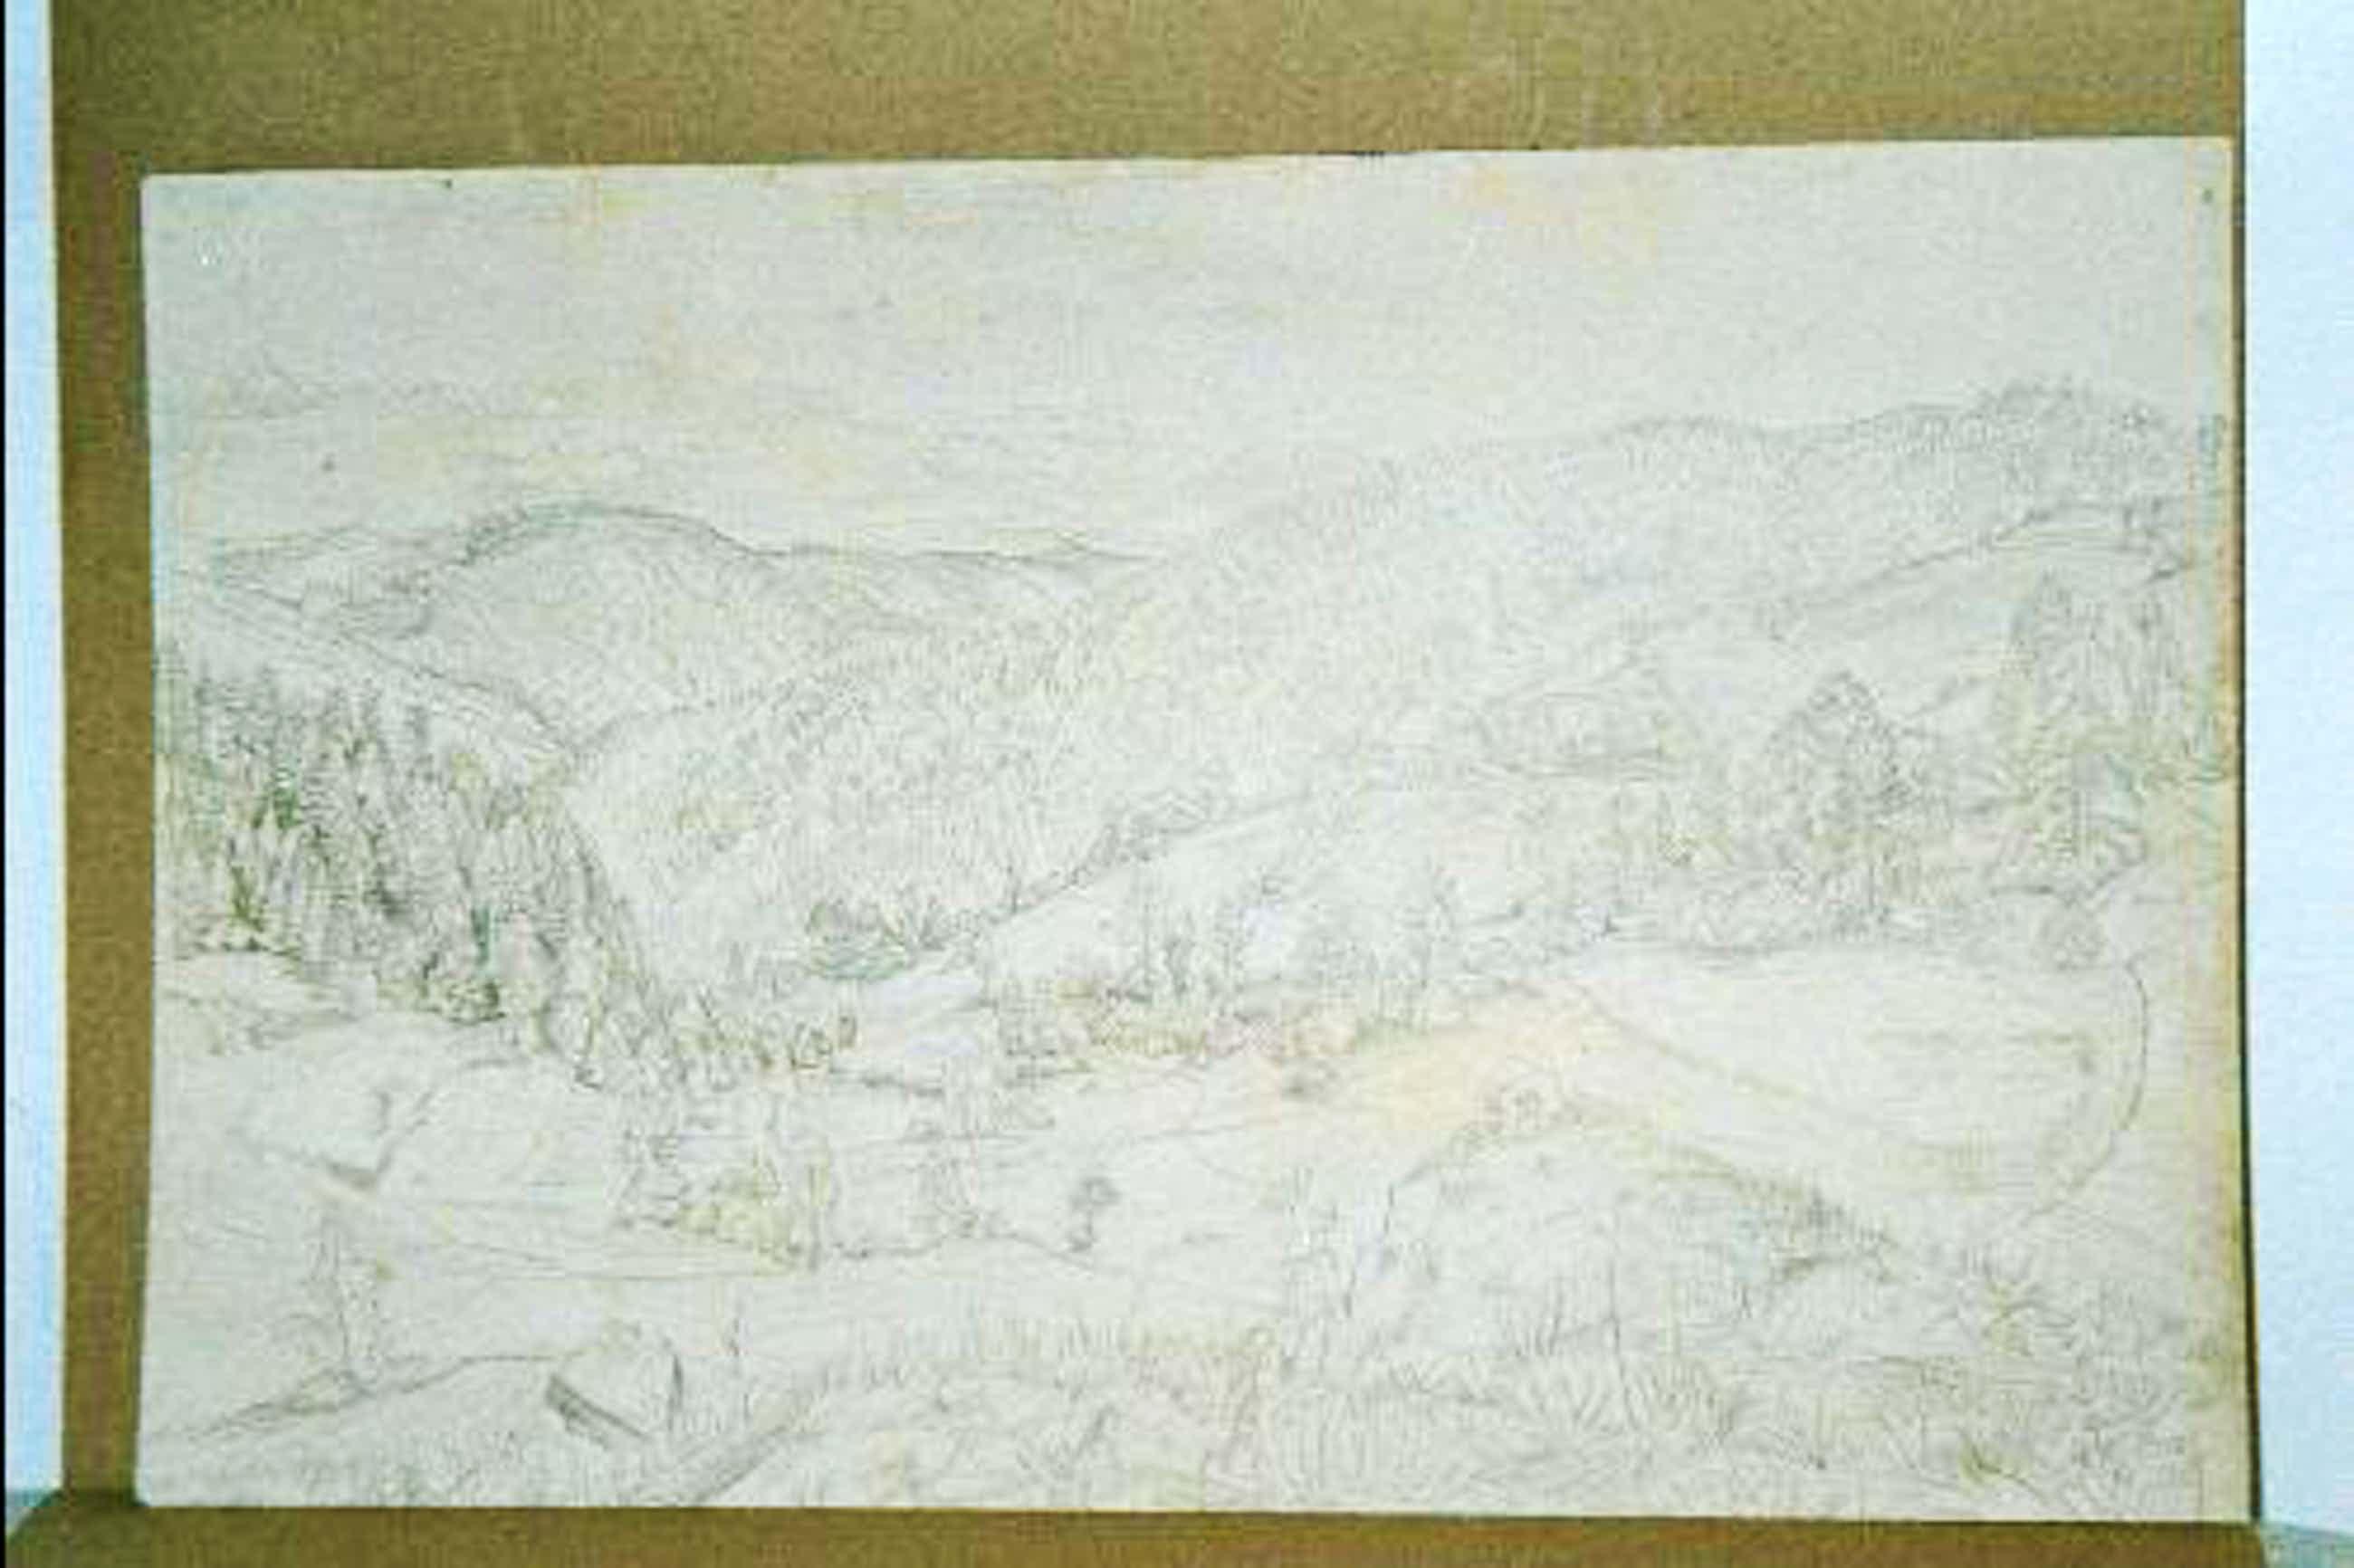 Fritz Lang - Landschaft (Schwäbische Alp?), Bleistiftzeichnung, handsigniert, 1922 kopen? Bied vanaf 190!